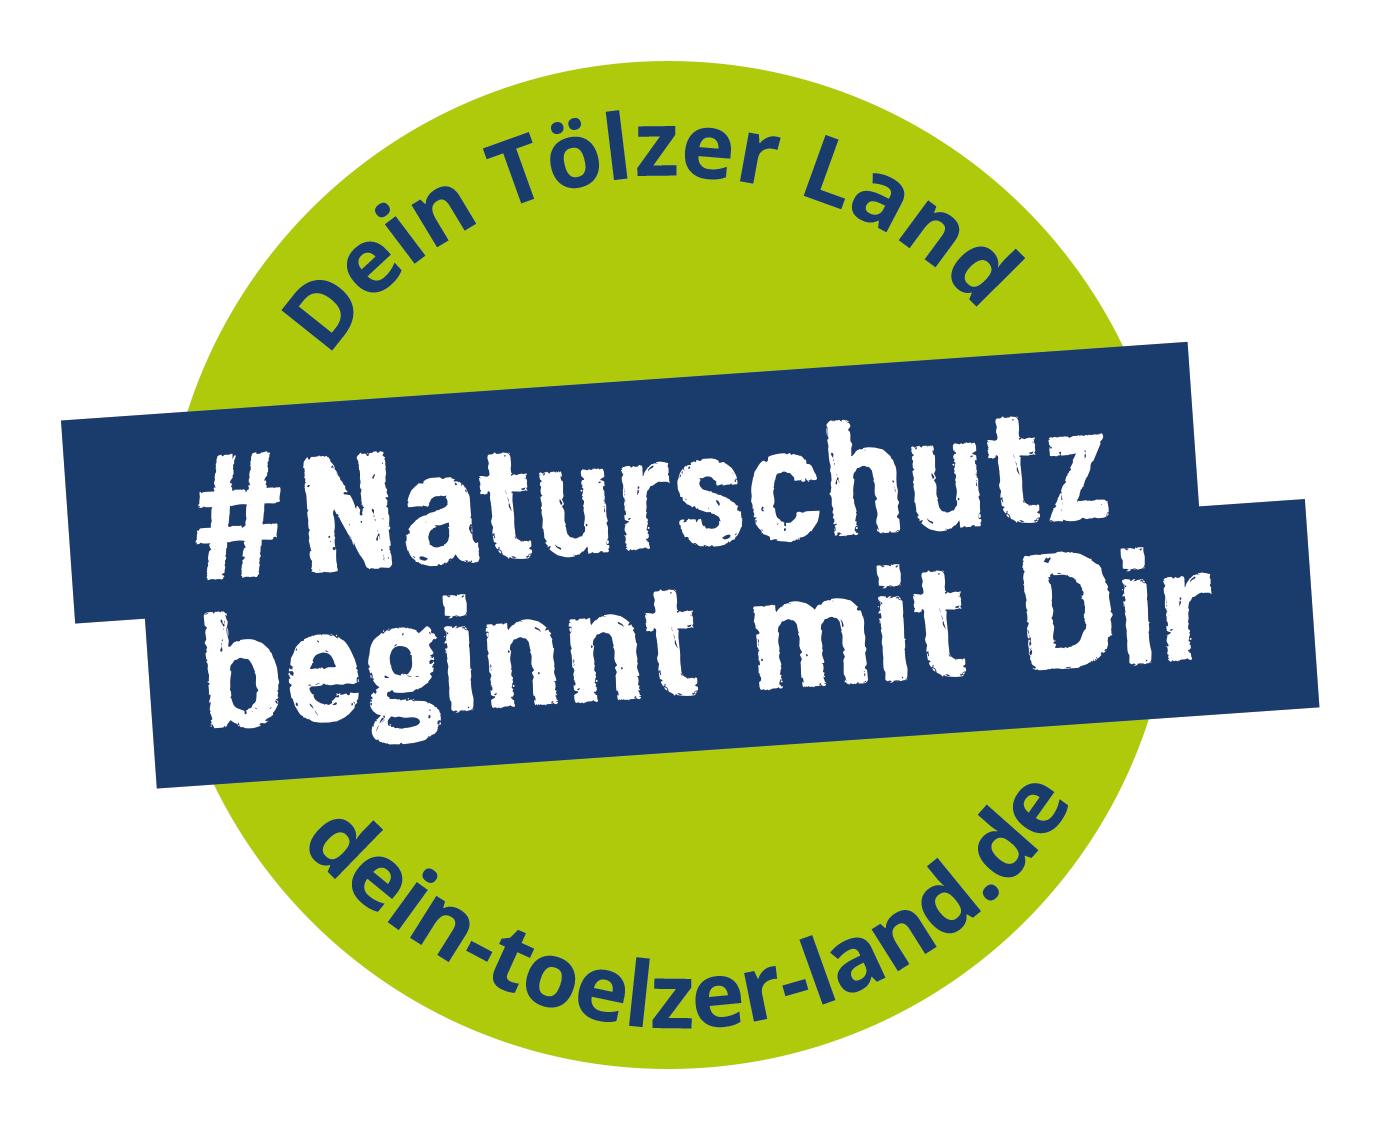 Naturschutz beginnt mit Dir